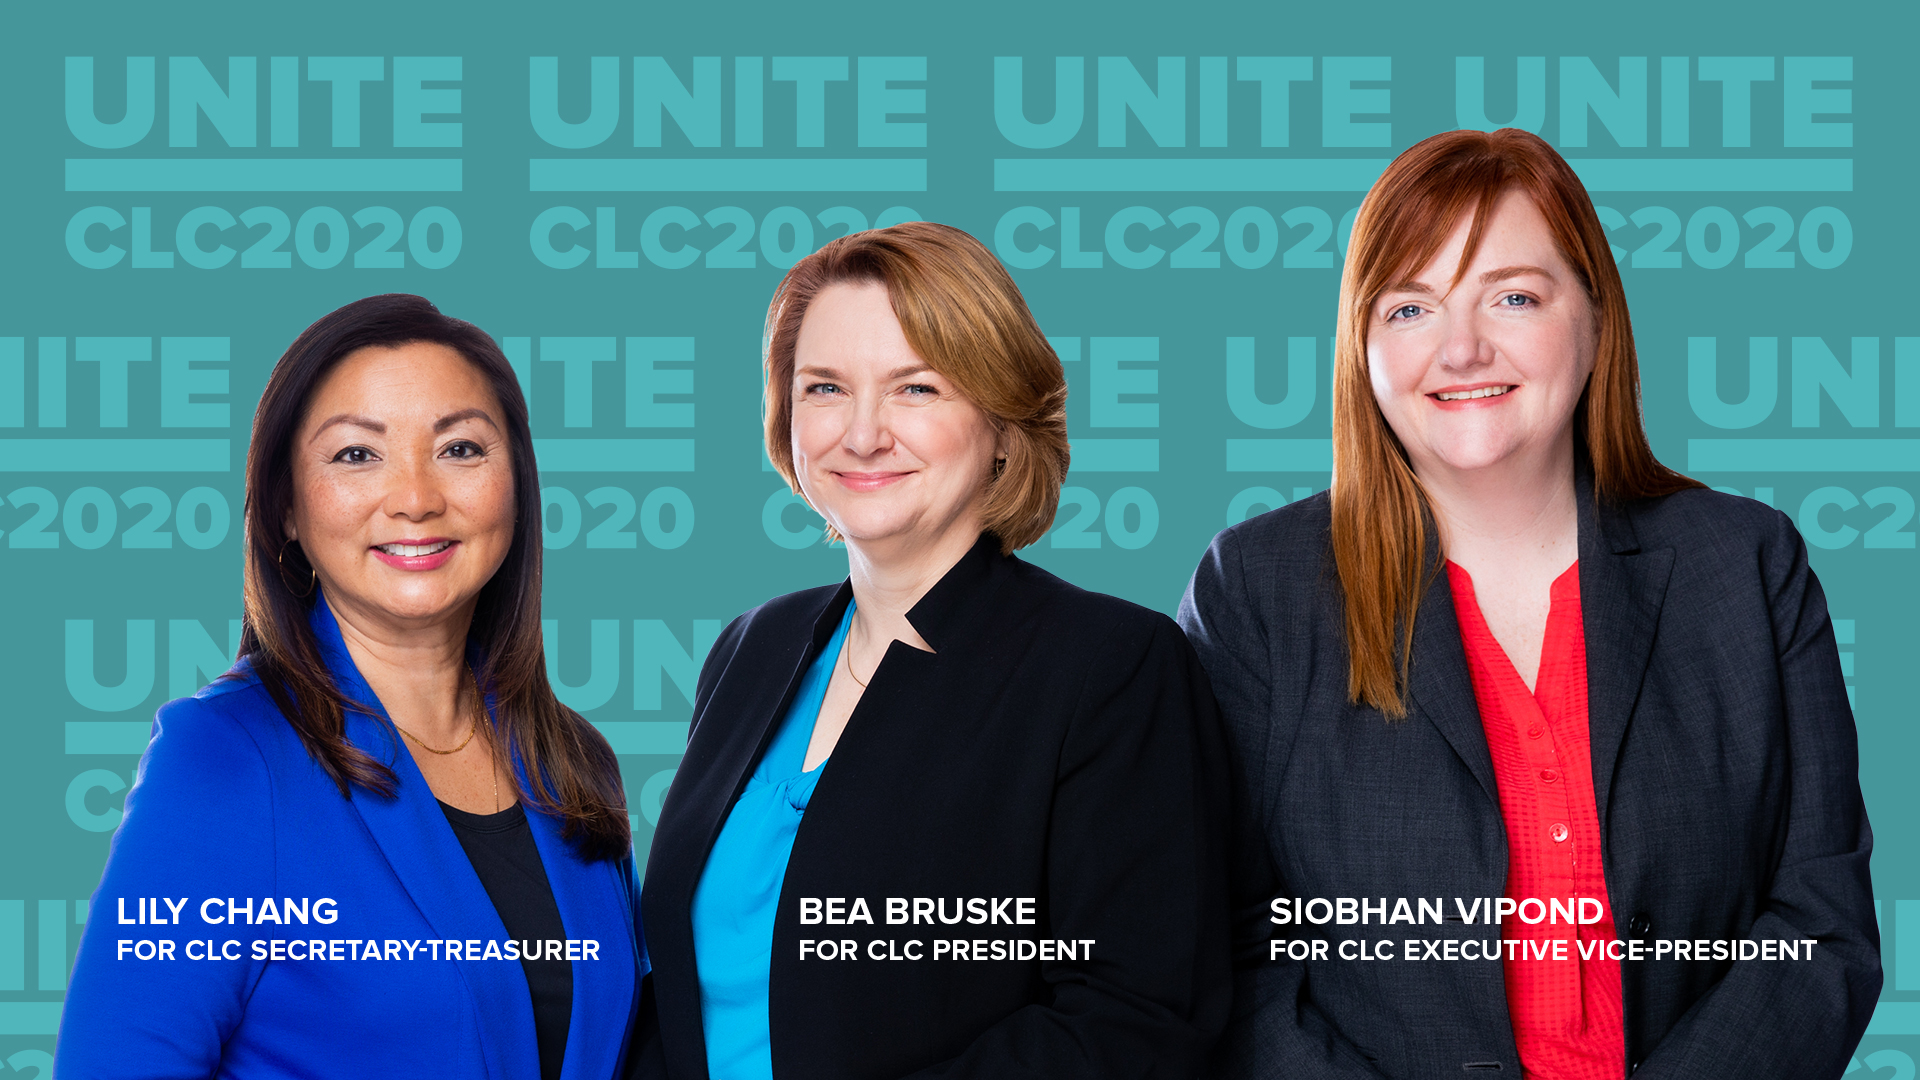 Team-Unite-1920×1080